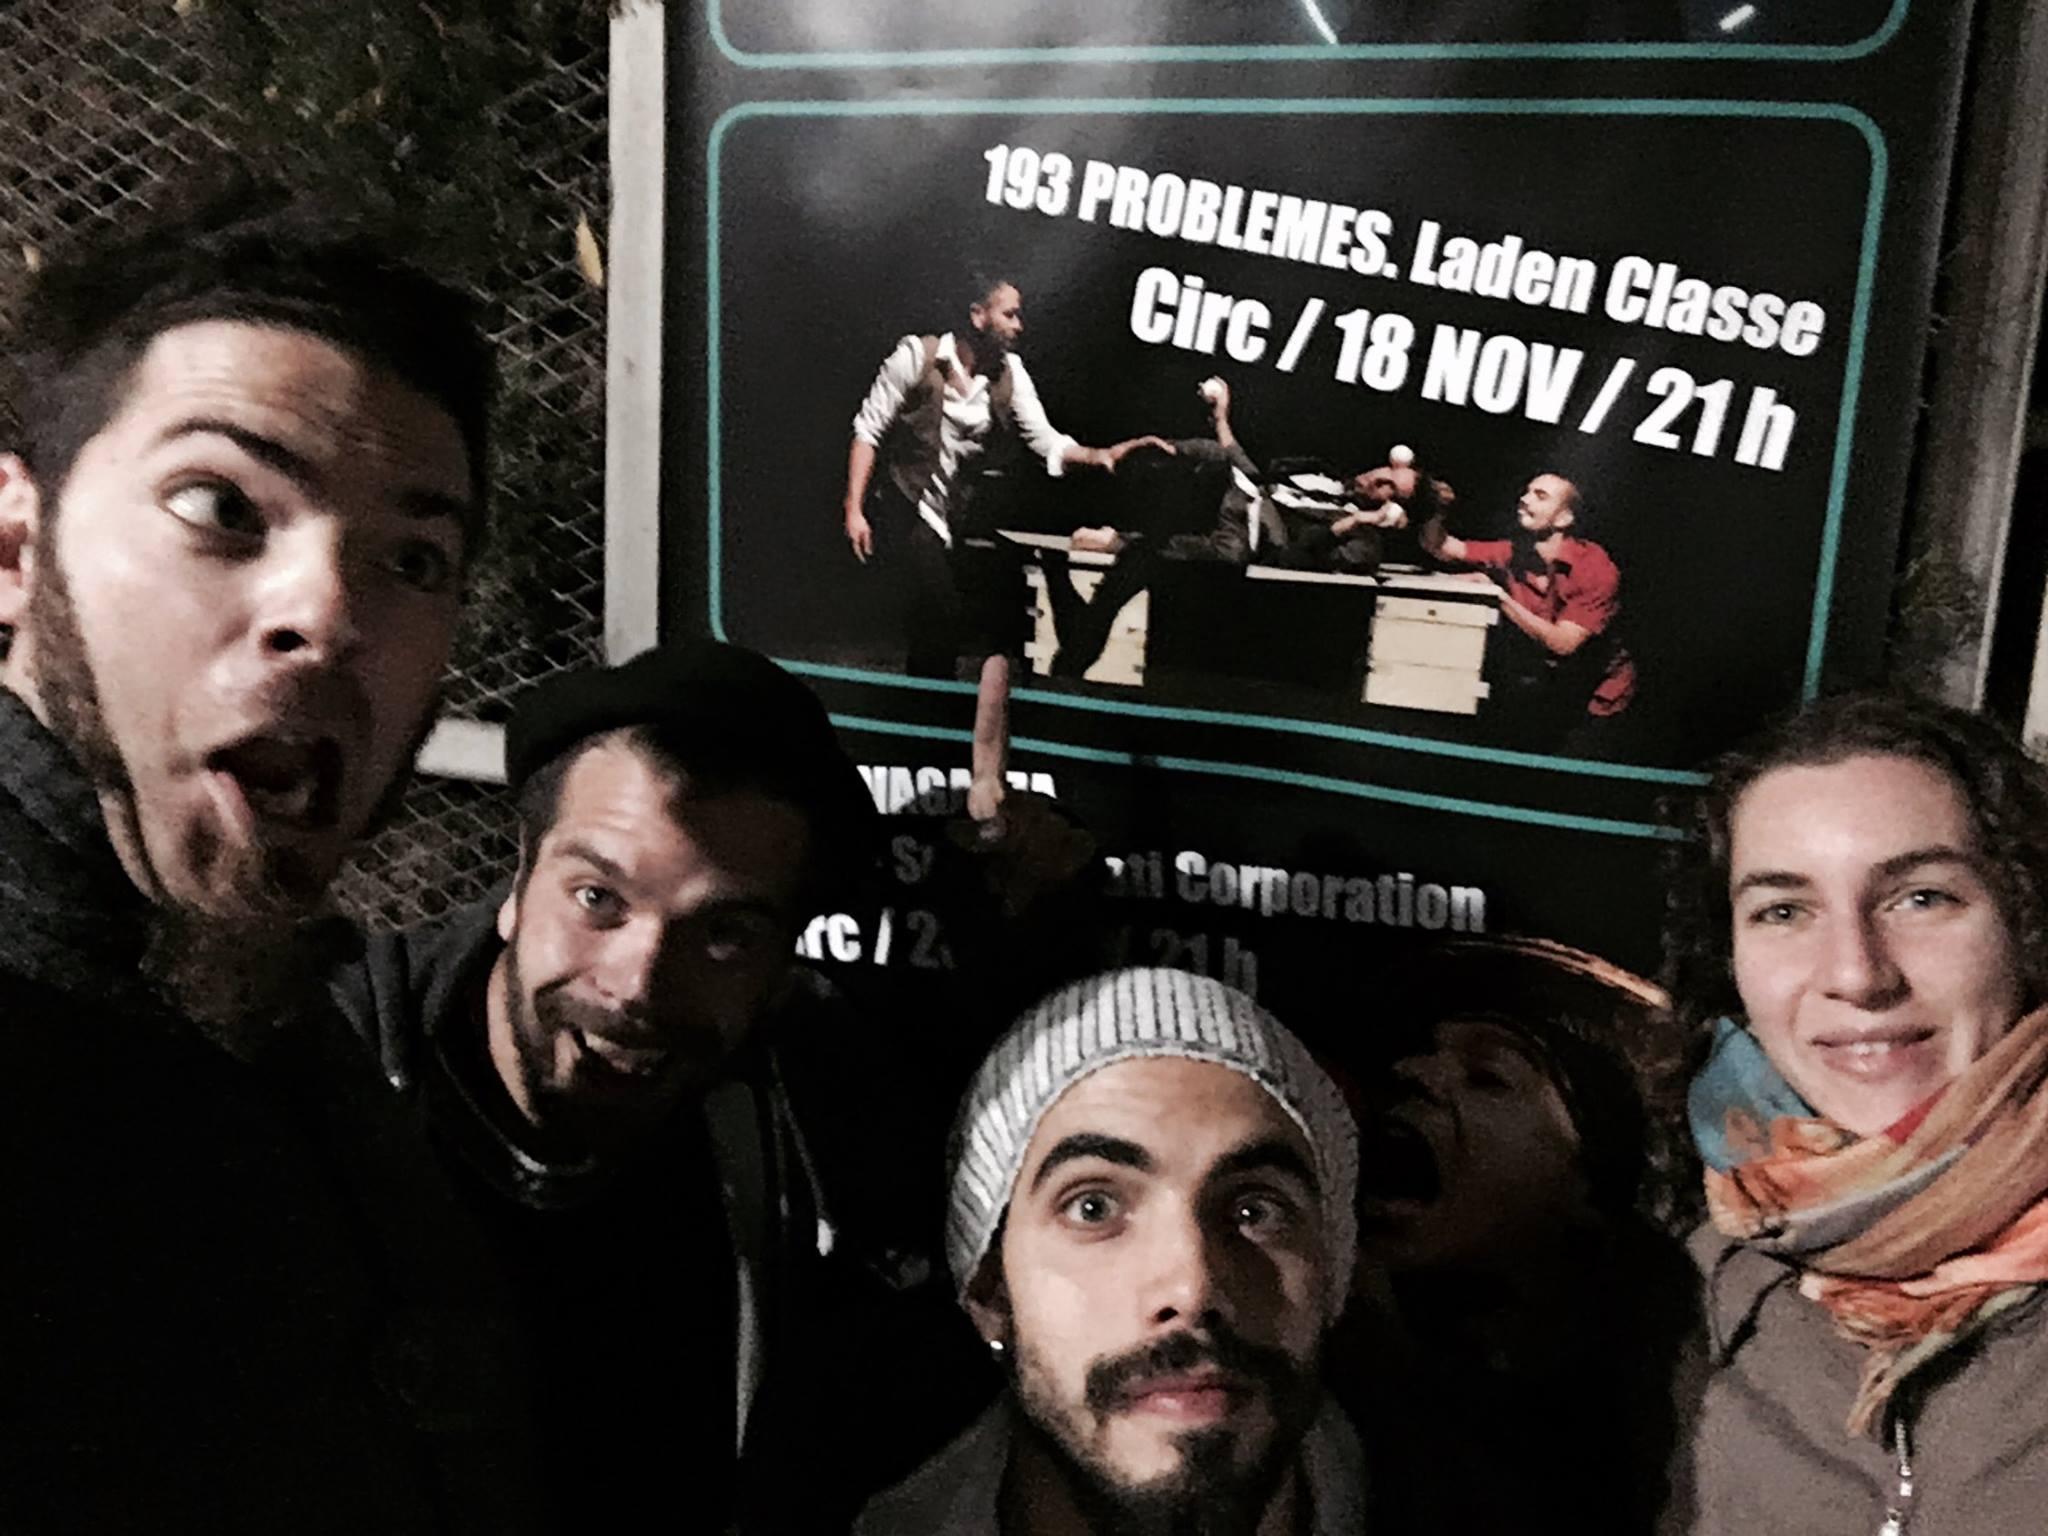 laden-classe-circo-contemporaneo-italia-leo-sbrindola-enrico-formaggi-javier-valera-lucia-granelli-roue-cyr-mano-a-mano-193-problemi-musica-dal-vivo-beatbox-arti-marziali-press2